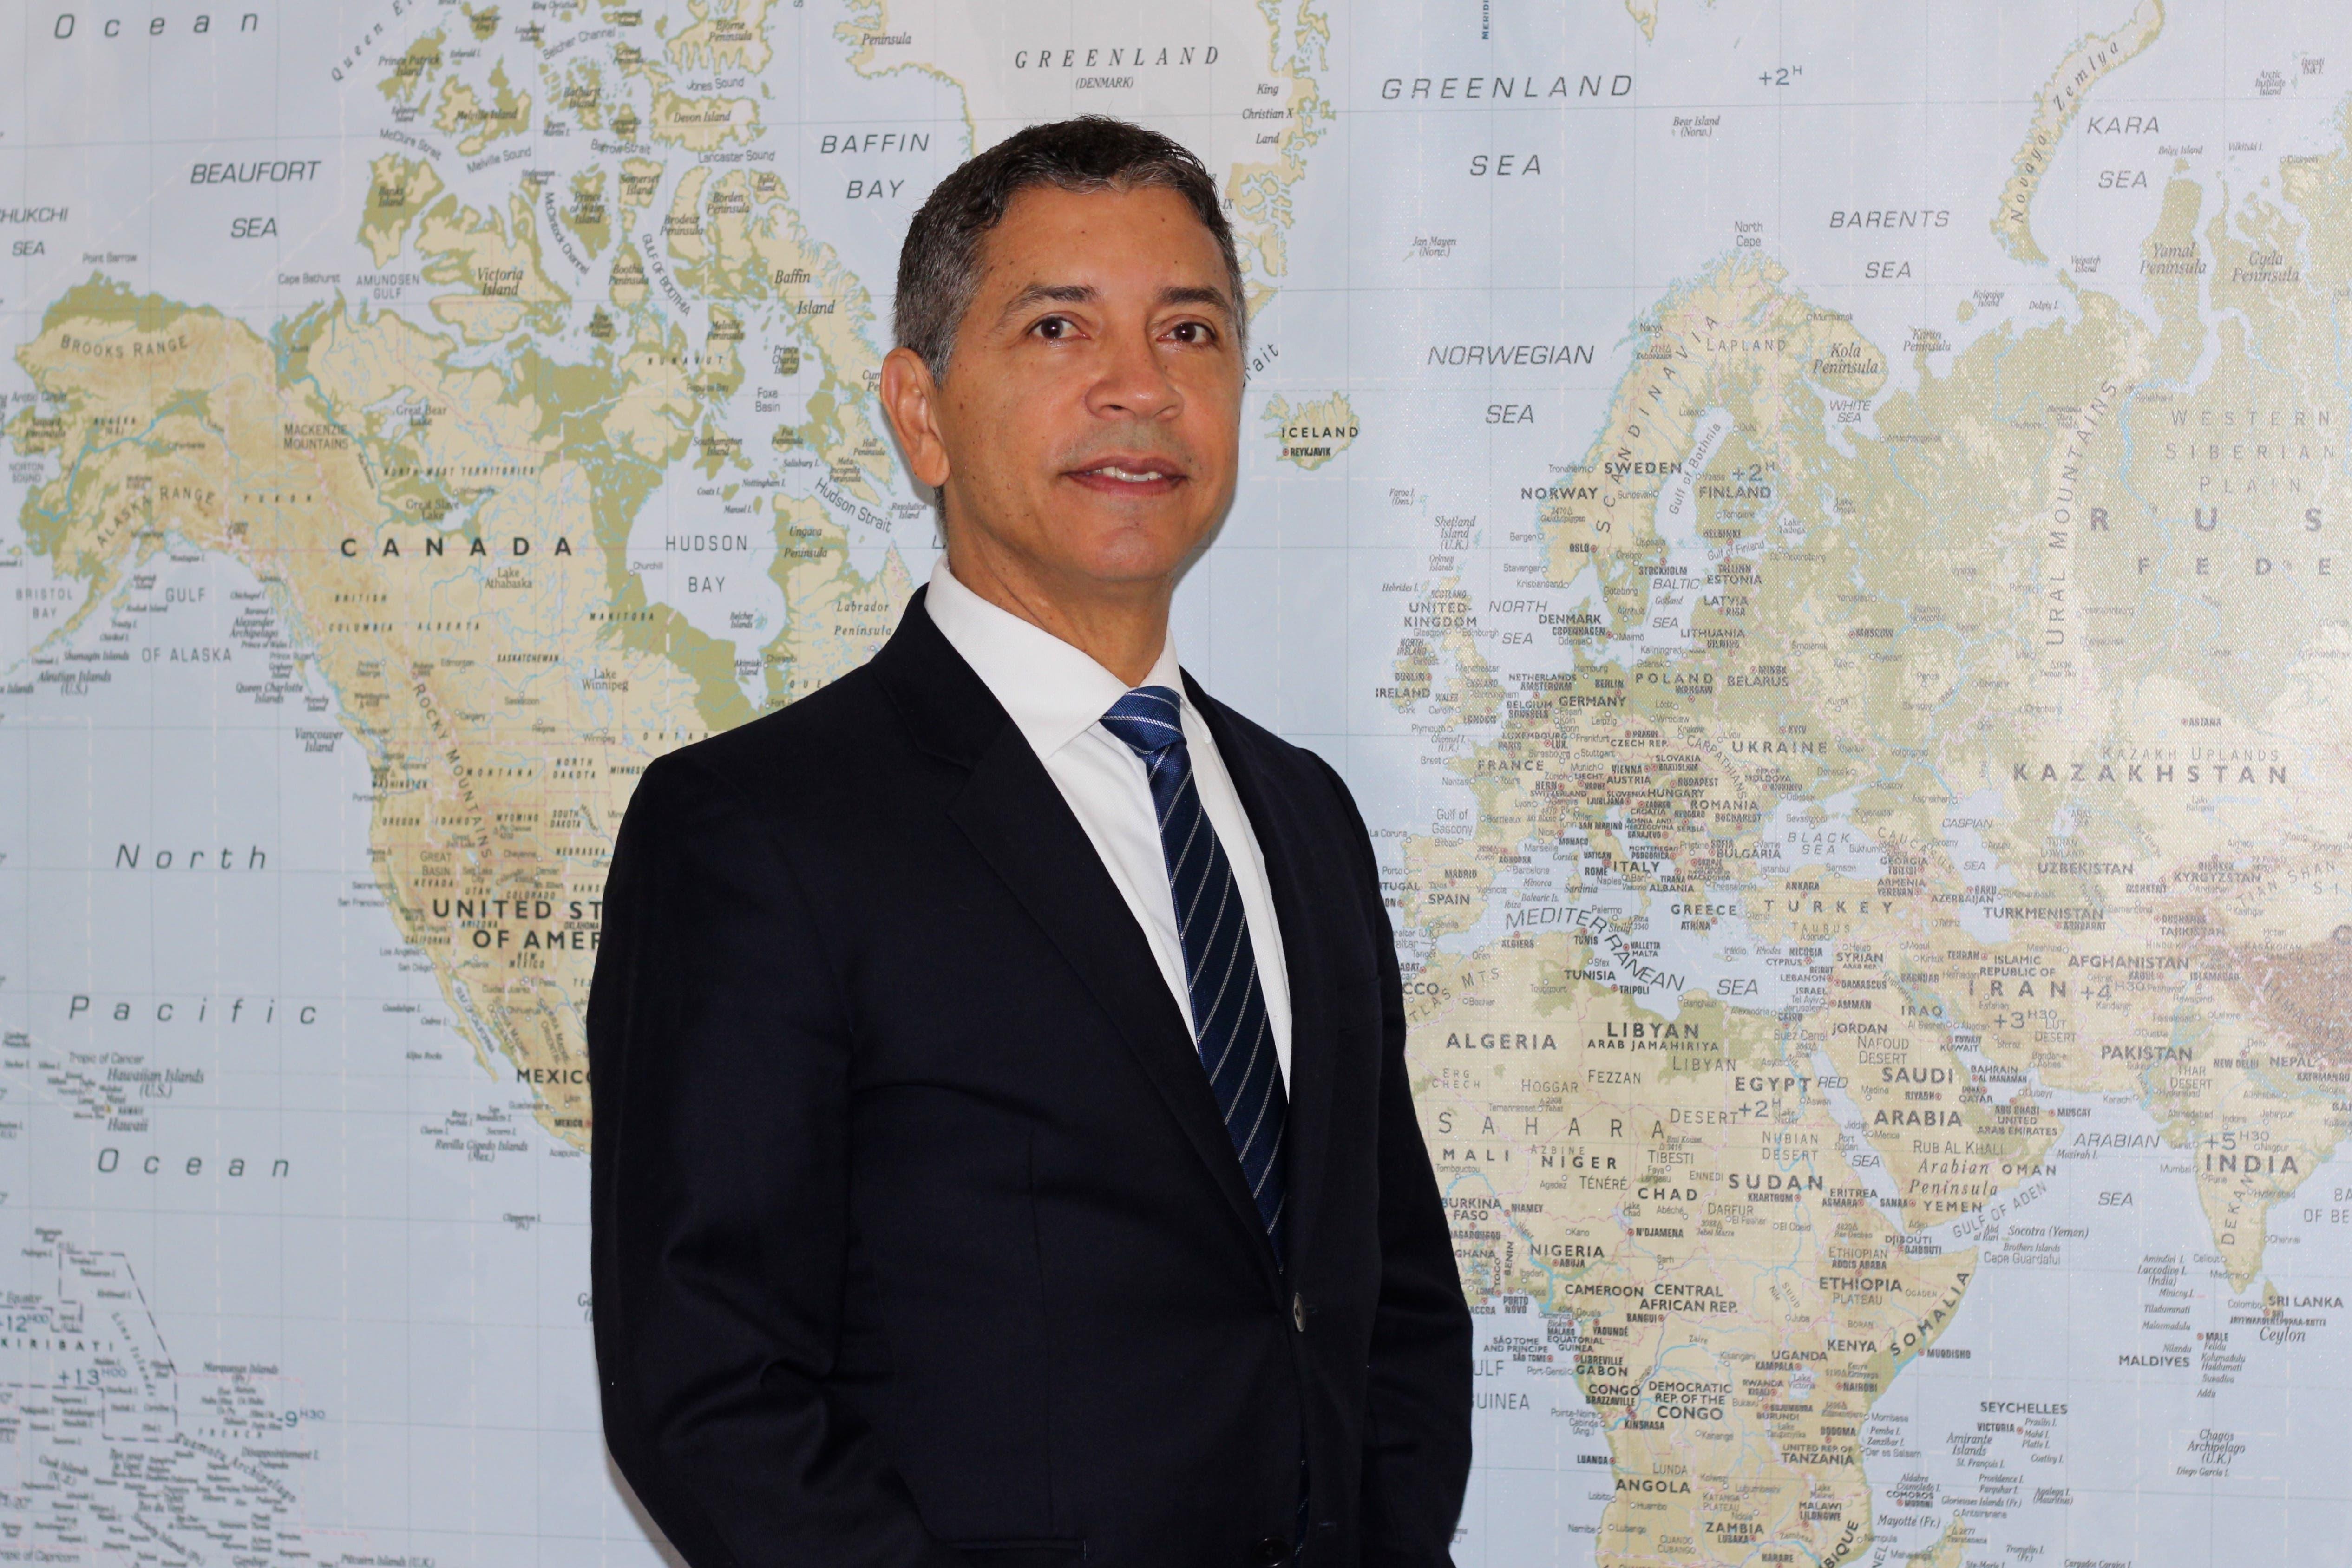 El demógrafo dominicano José Miguel Guzmán le fue otorgado el  Laureate Award 2017, el premio anual que concede la Unión Internacional para el Estudio Científico de la Población (IUSSP).